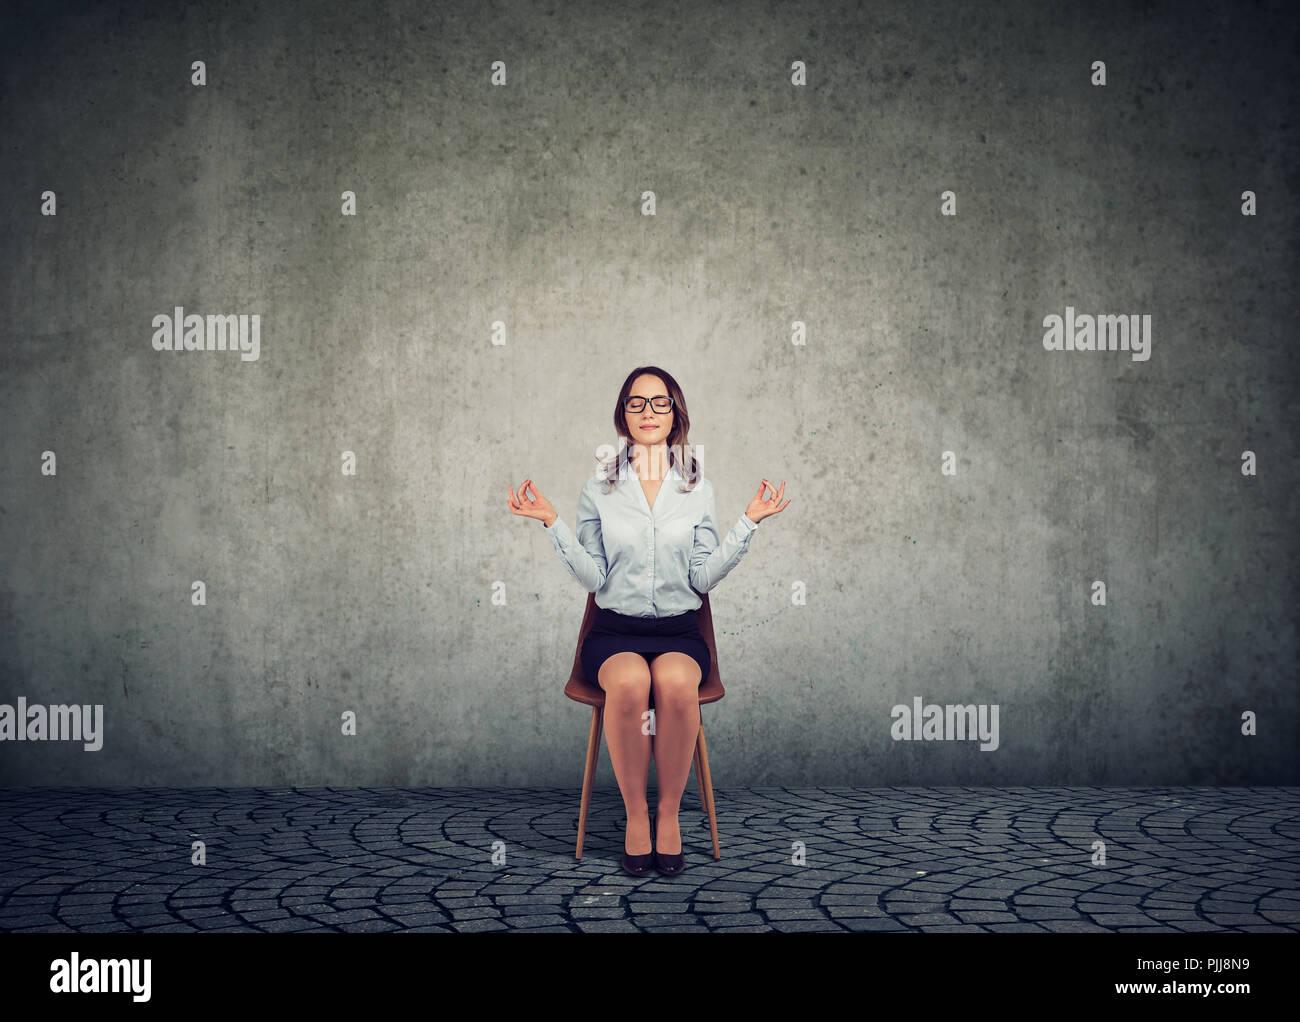 Business Woman in Gläsern sitzen auf einem Stuhl und halten sich an den Händen auseinander in Meditation und Harmonie halten die Augen geschlossen. Stockbild